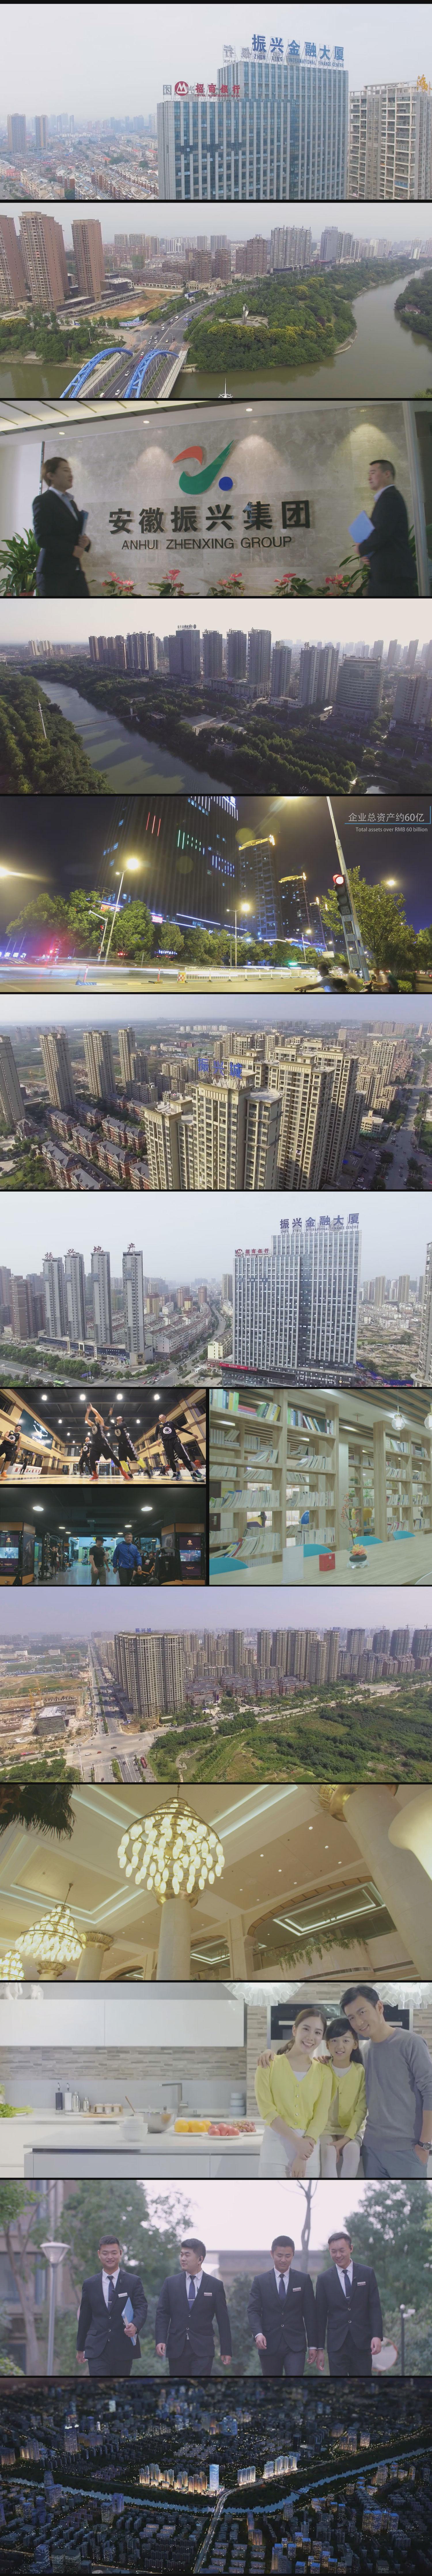 安徽振兴集团宣传片(图1)